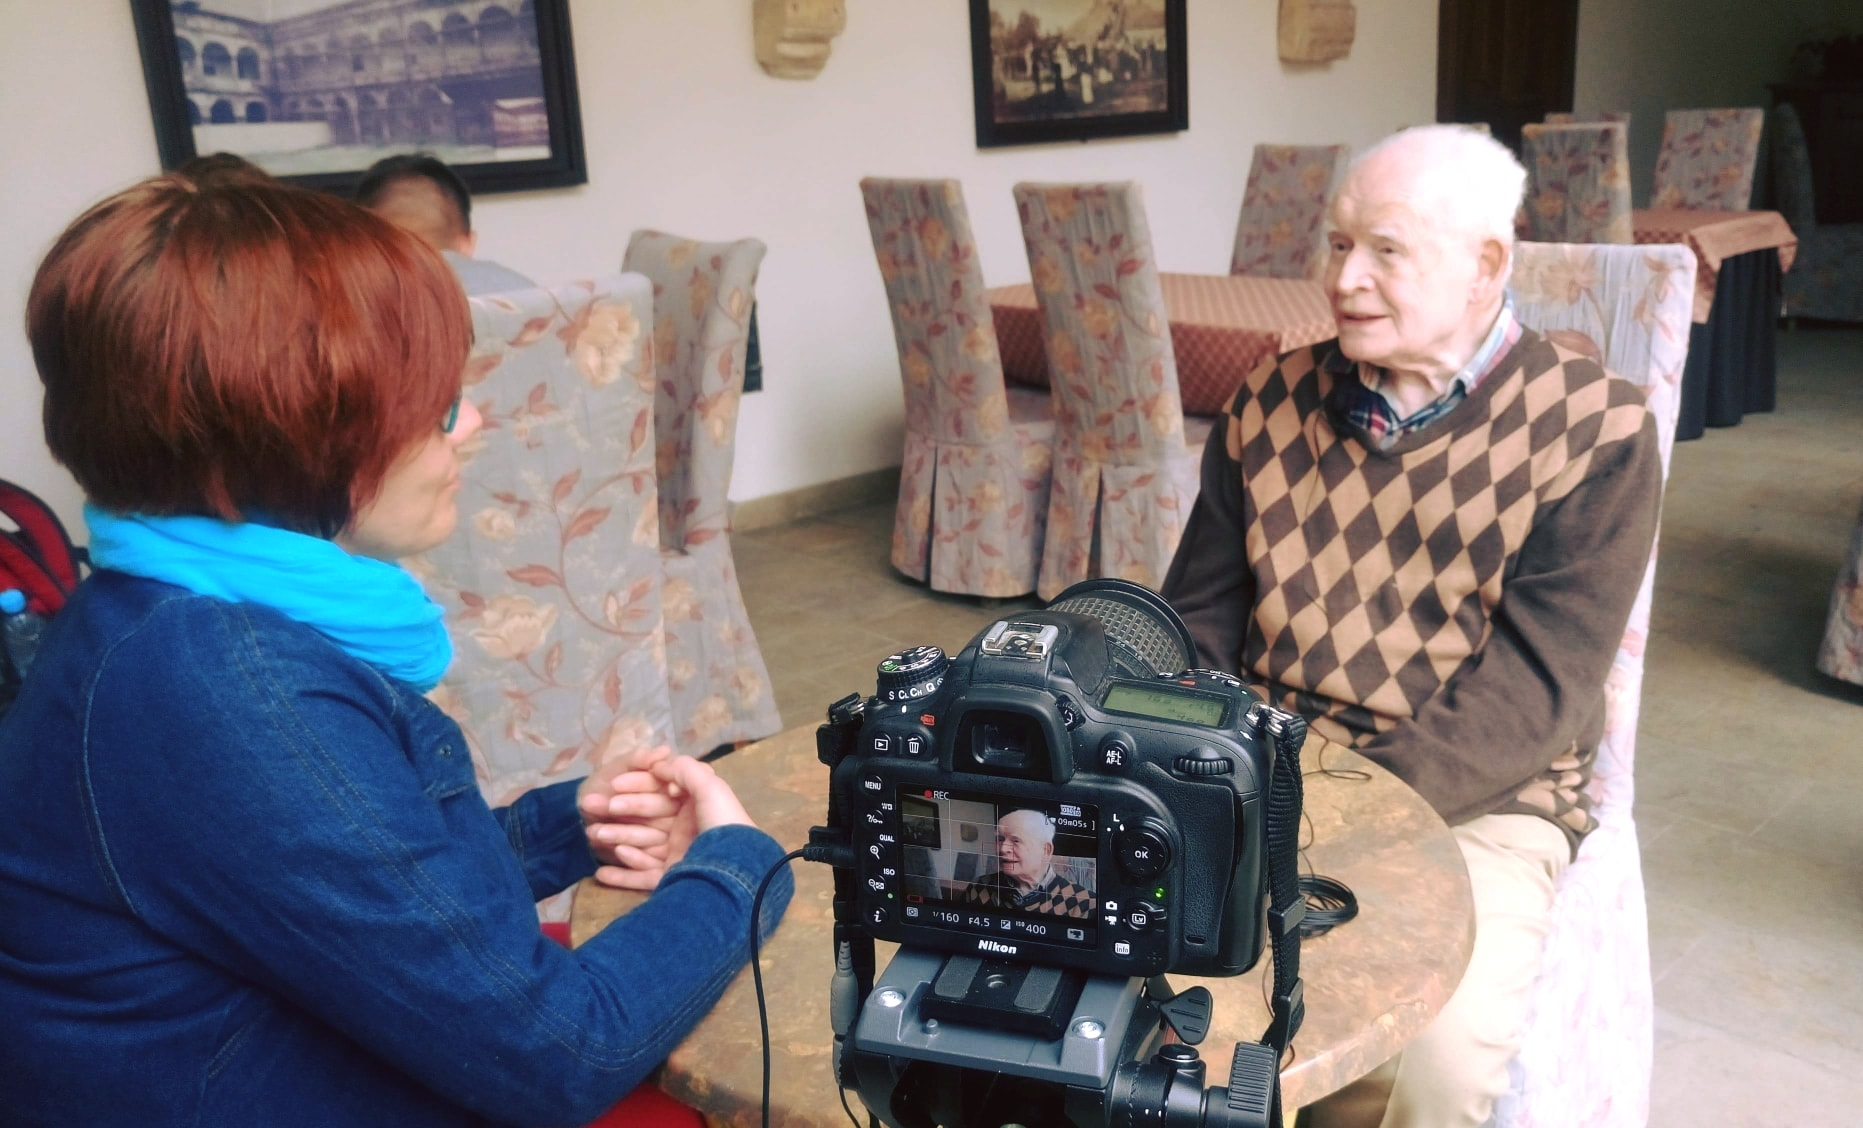 http://m.wm.pl/2019/12/orig/kinga-wisniewska-wywiad-z-prof-strzemboszem-600570.jpg